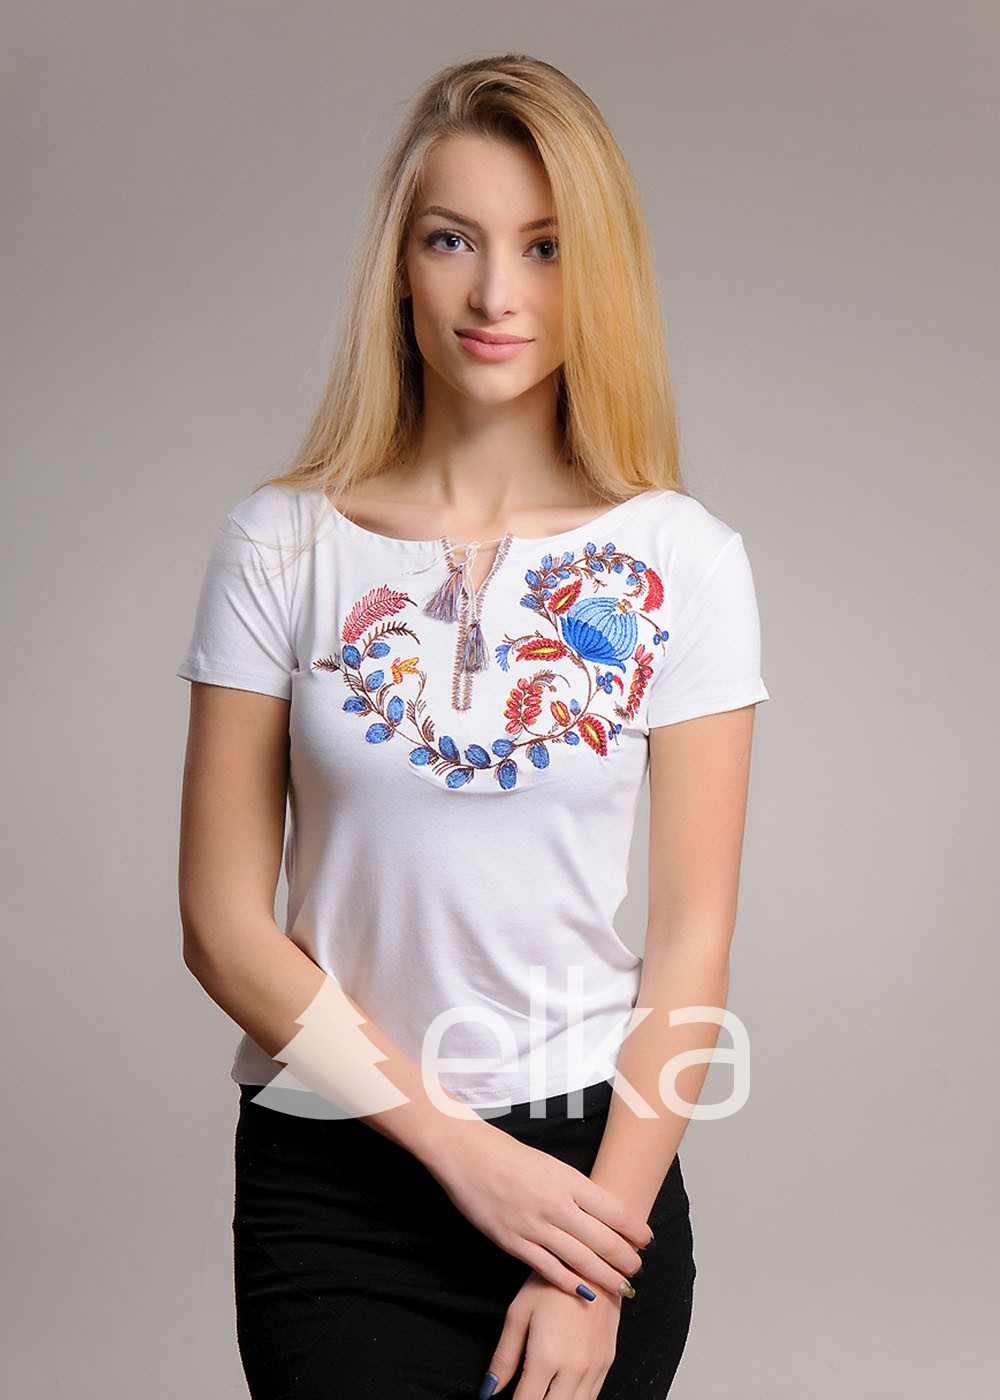 Вышитая футболка Петриковка